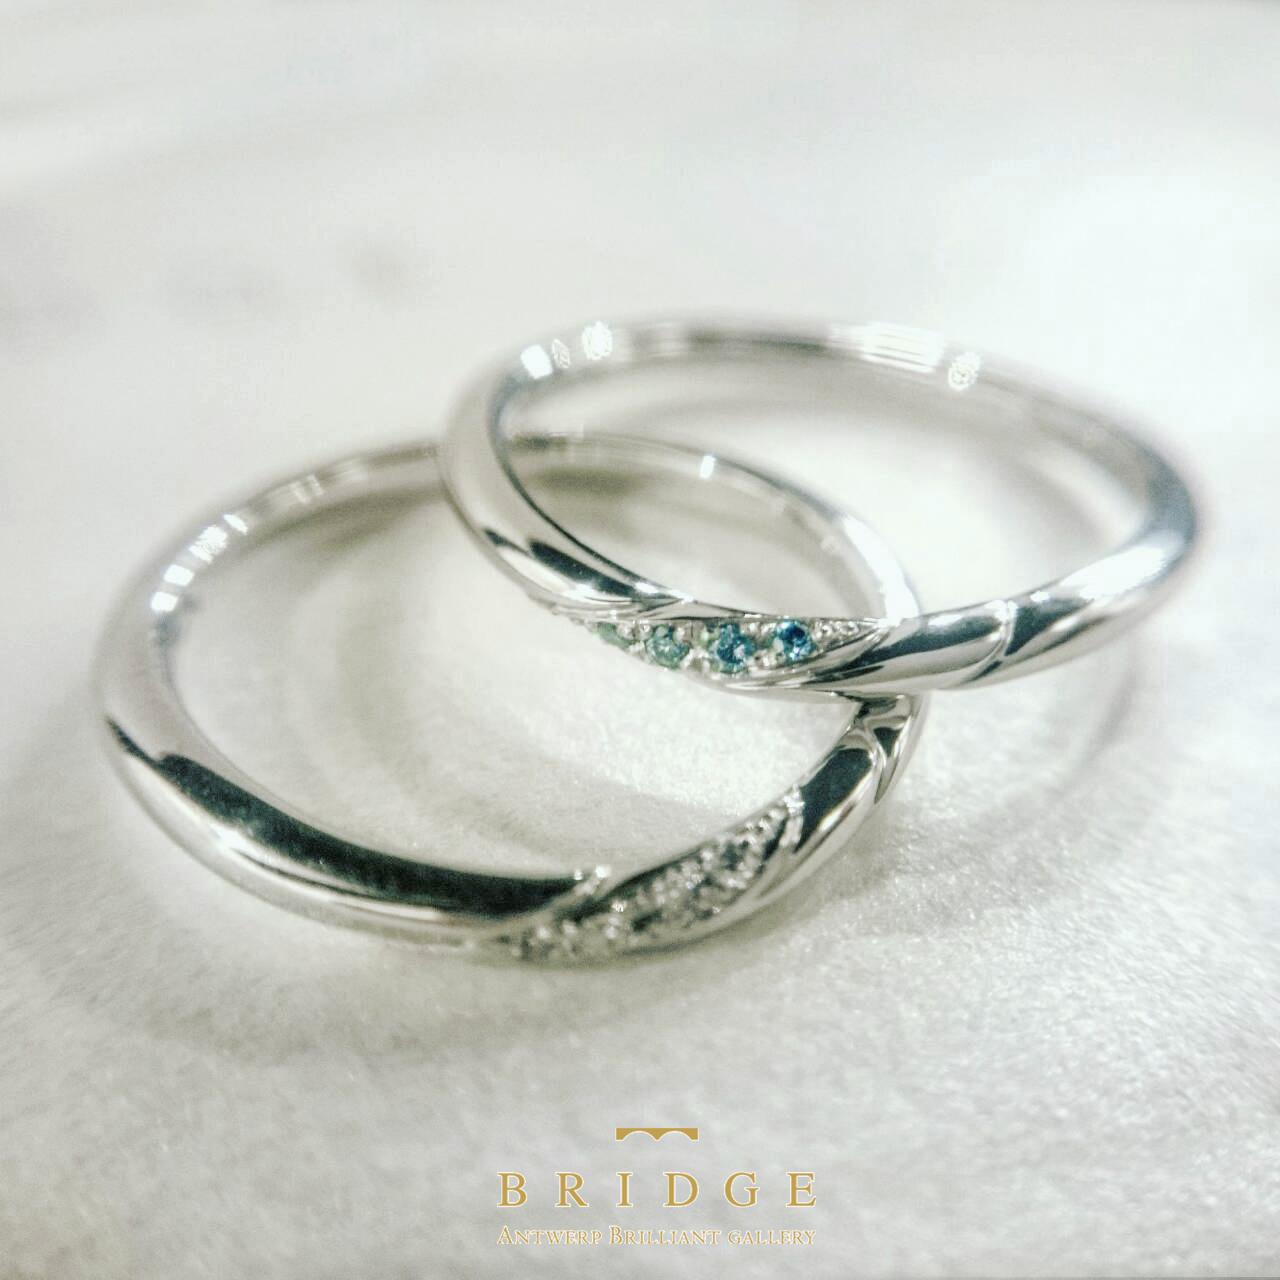 放射線処理で青く着色したダイヤモンドは安定していて色あせることは無い